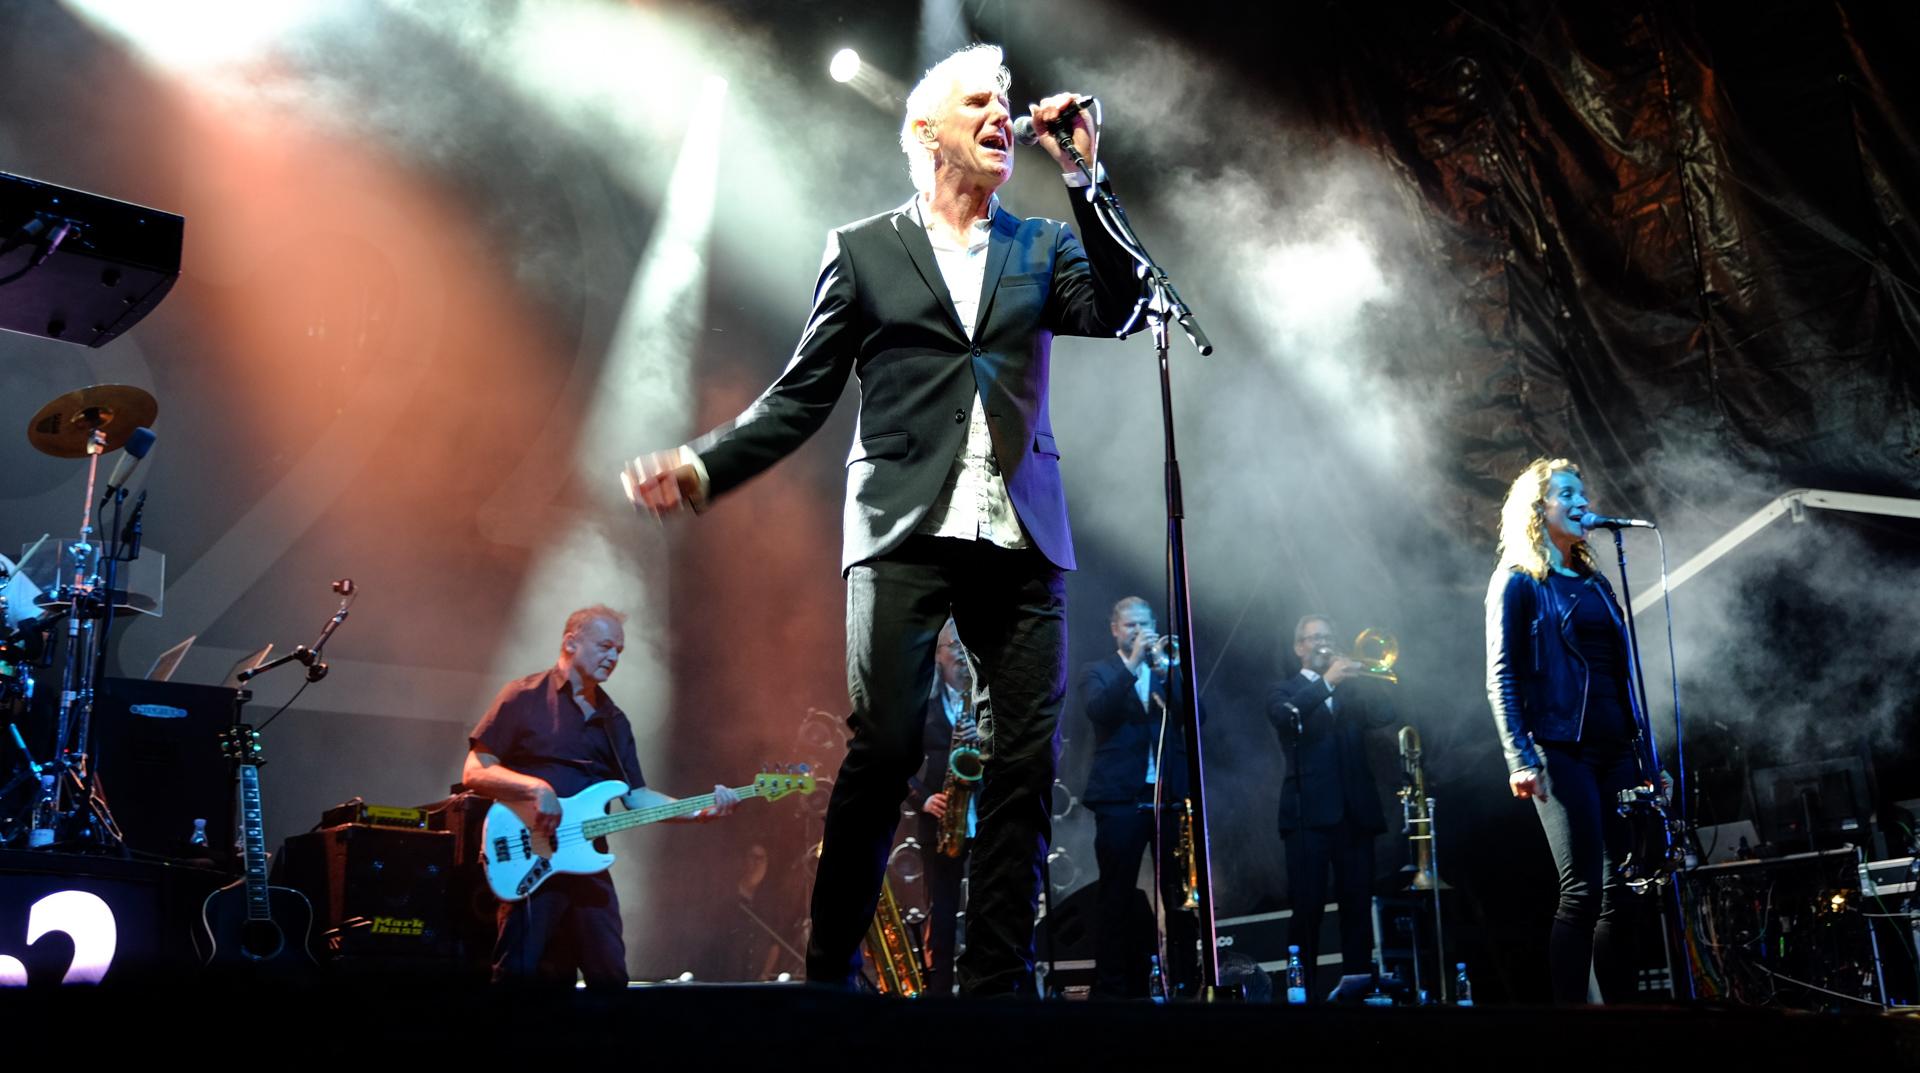 Liv og glade dage: TV-2 tyvstartede Aarhus Festuge med manér